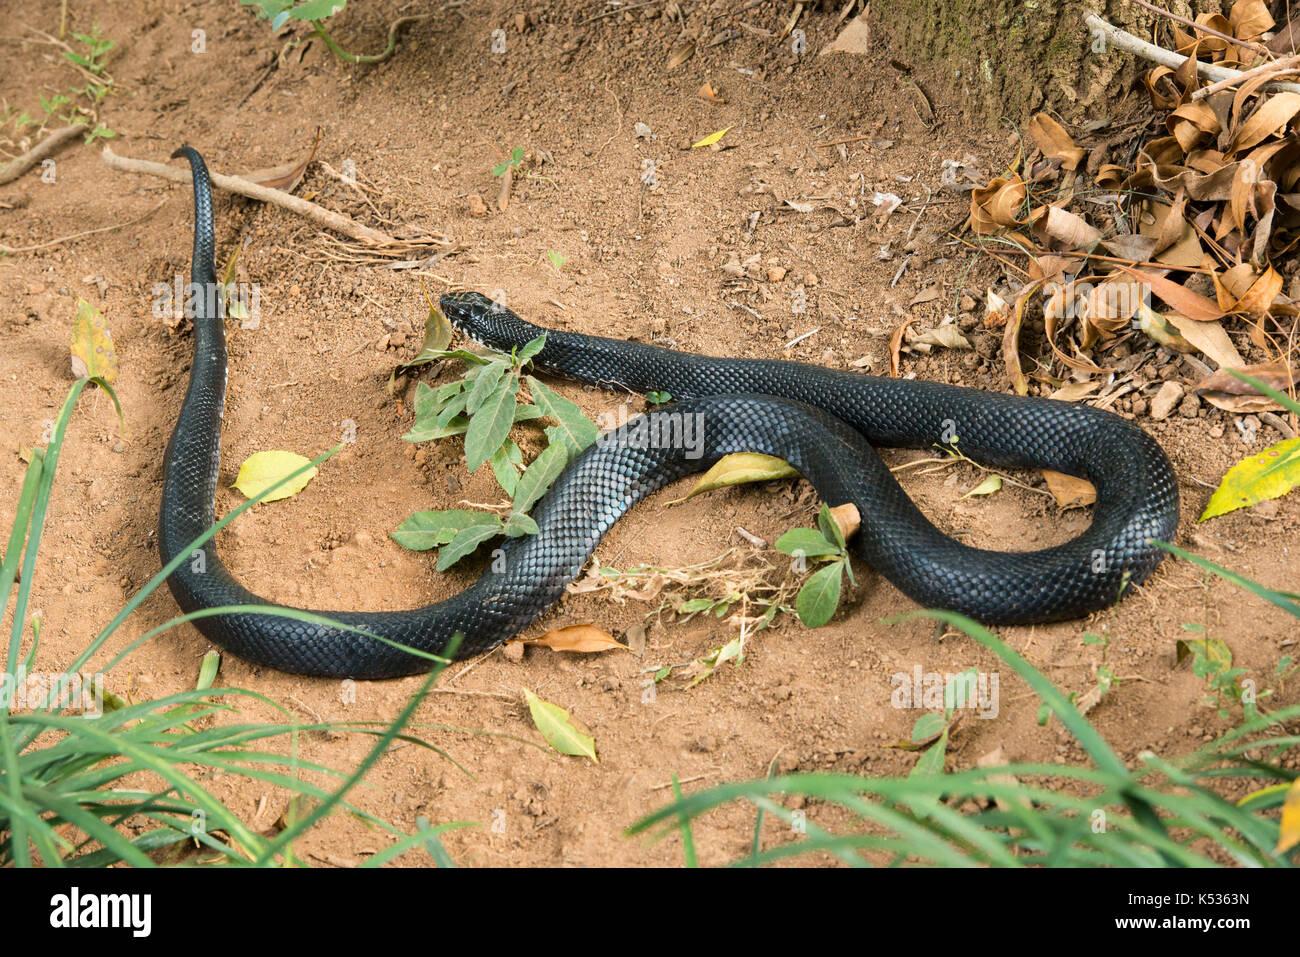 La serpiente, Croc granja, Antananarivo, Madagascar Imagen De Stock